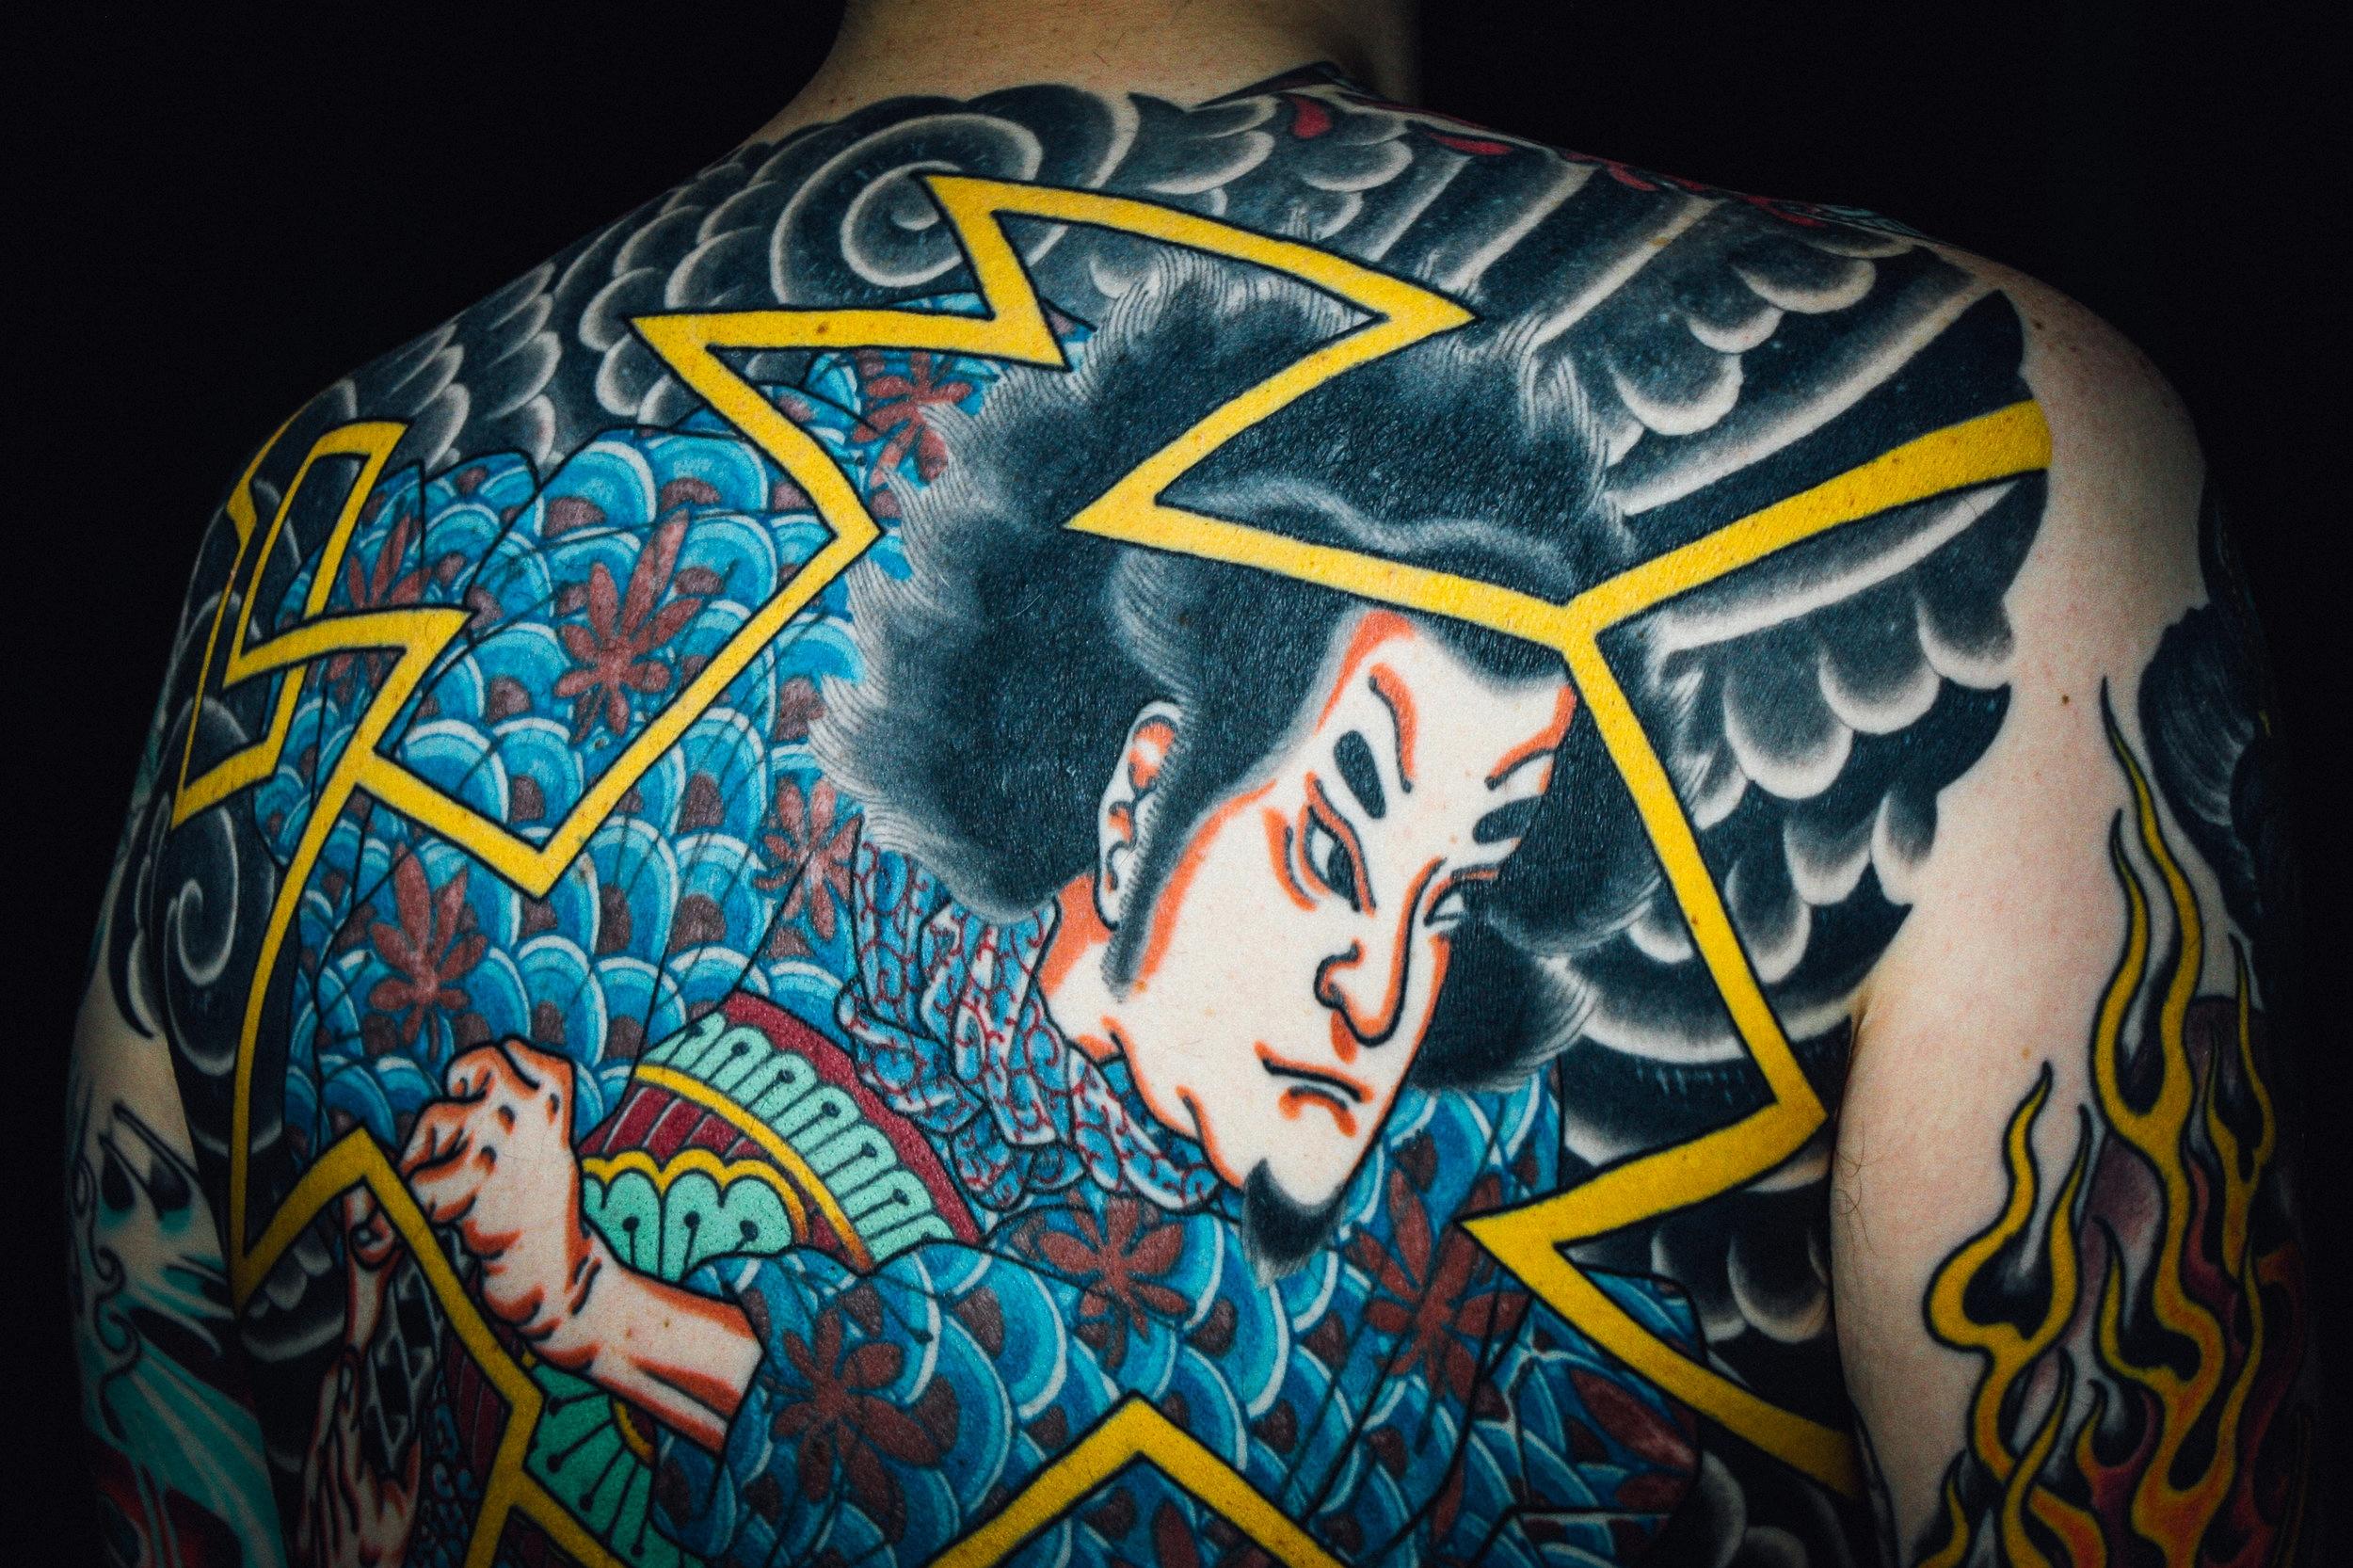 samurai-backpiece-7.jpg